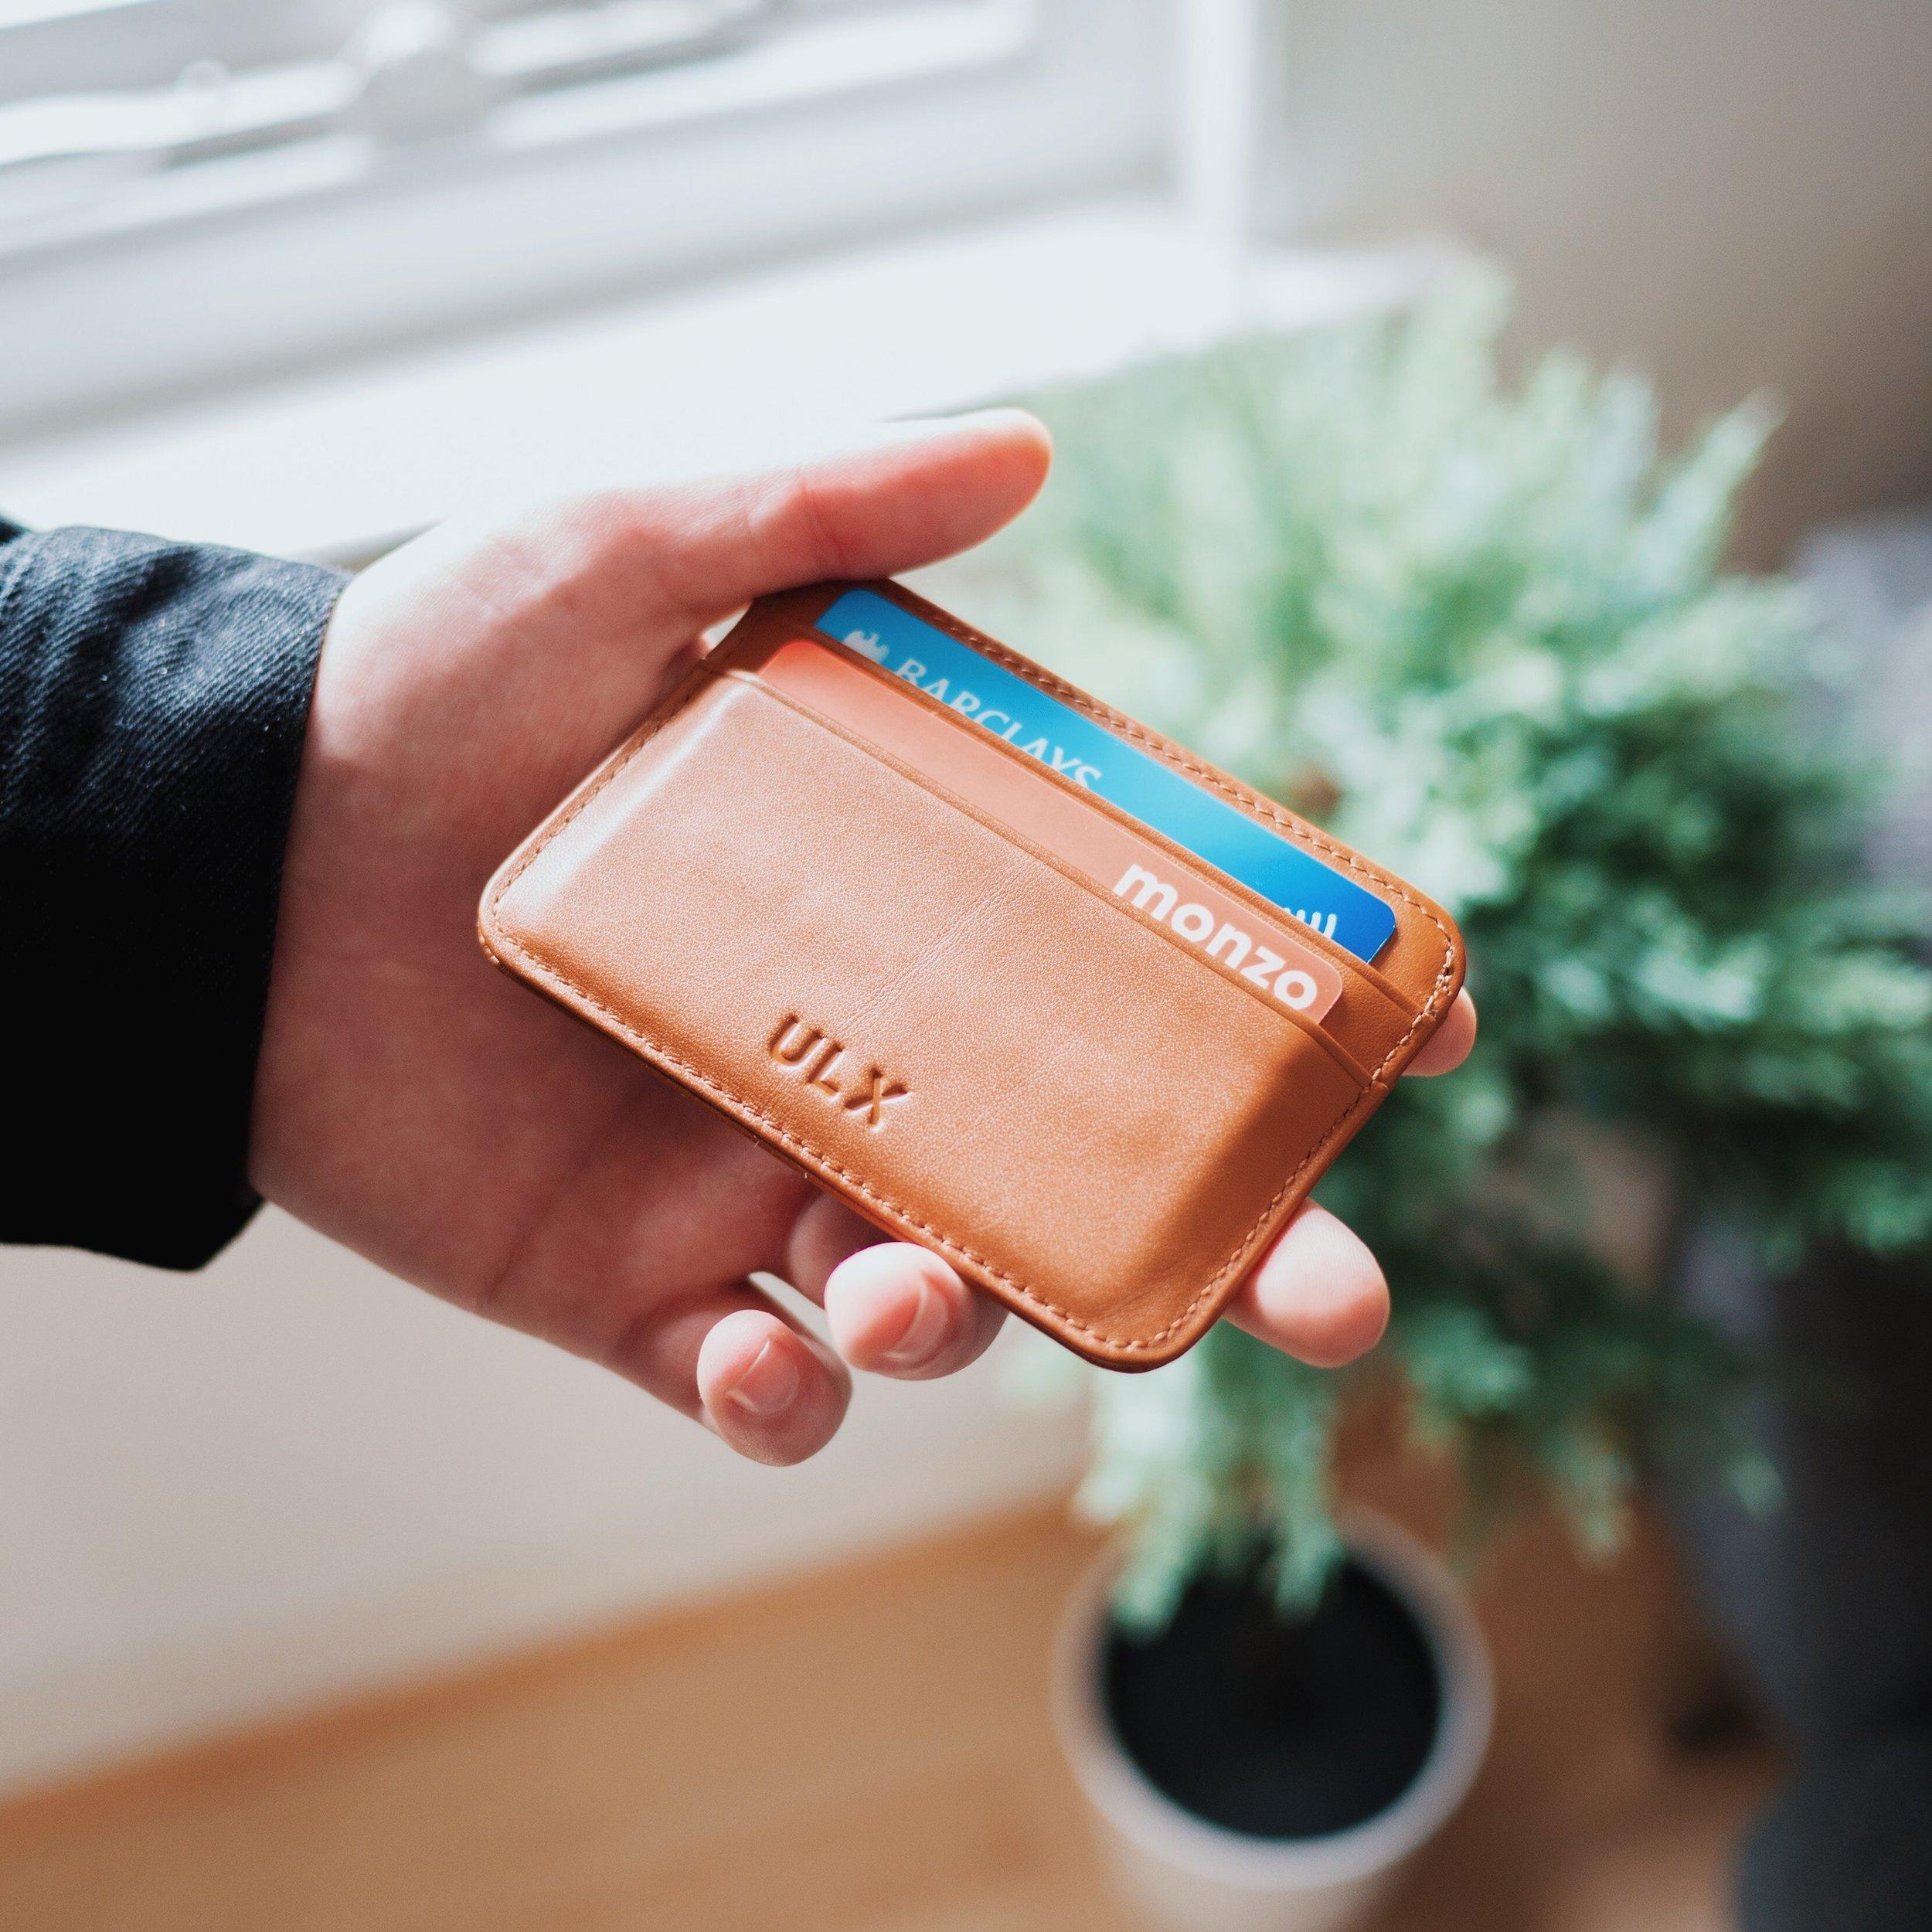 tori bosse credit card and loans